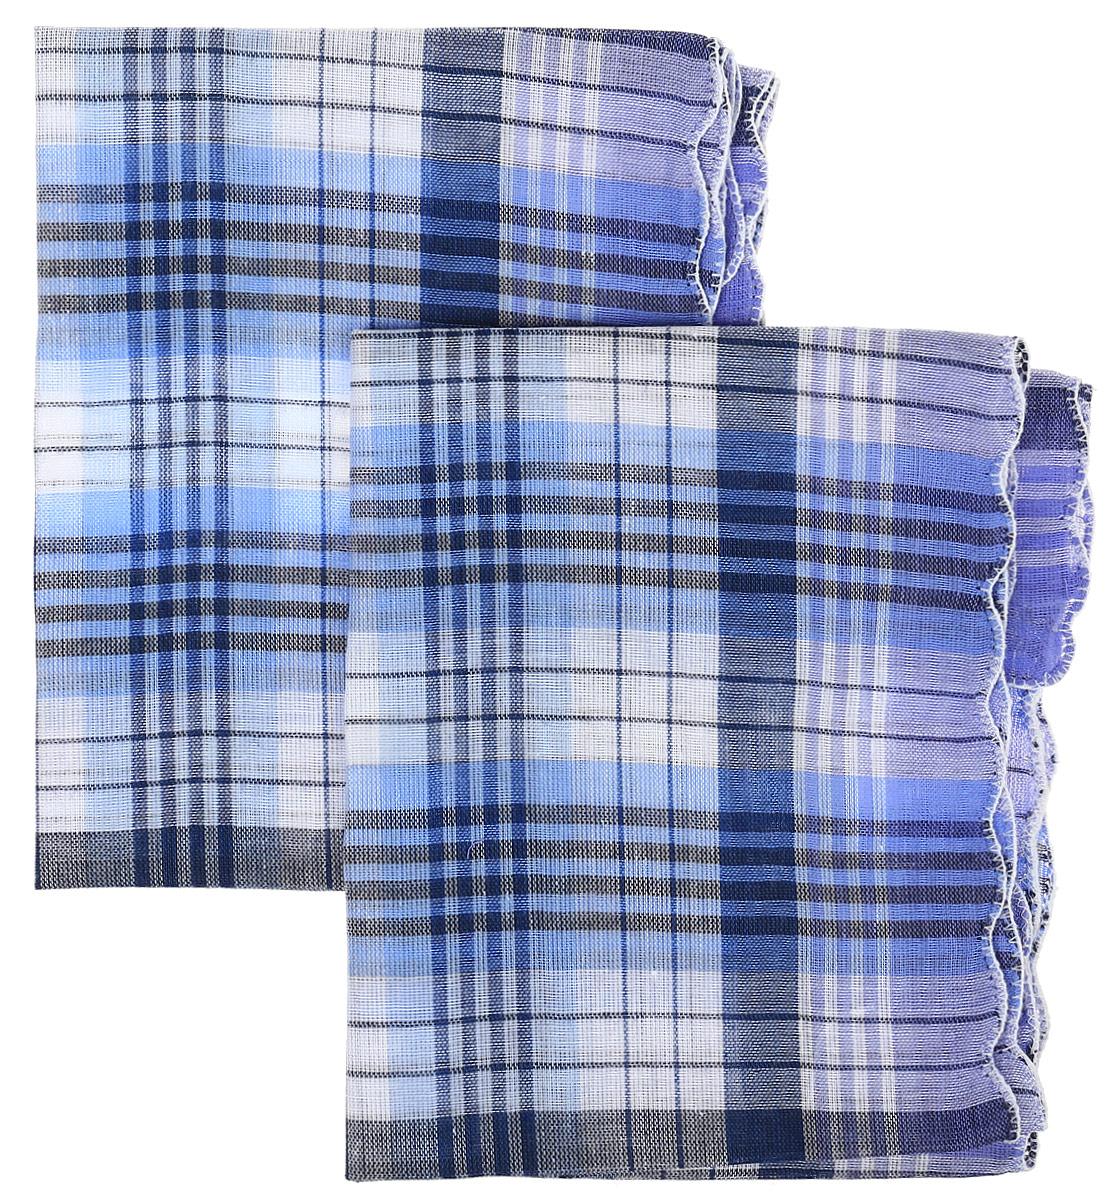 Платок носовой женский Zlata Korunka, цвет: синий, голубой, 4 шт. 71417. Размер 27 х 27 см71417_синий, голубой_клеткаЖенские носовые платки Zlata Korunka изготовлены из натурального хлопка, приятны в использовании, хорошо стираются, материал не садится и отлично впитывает влагу. В упаковке 4 штуки.